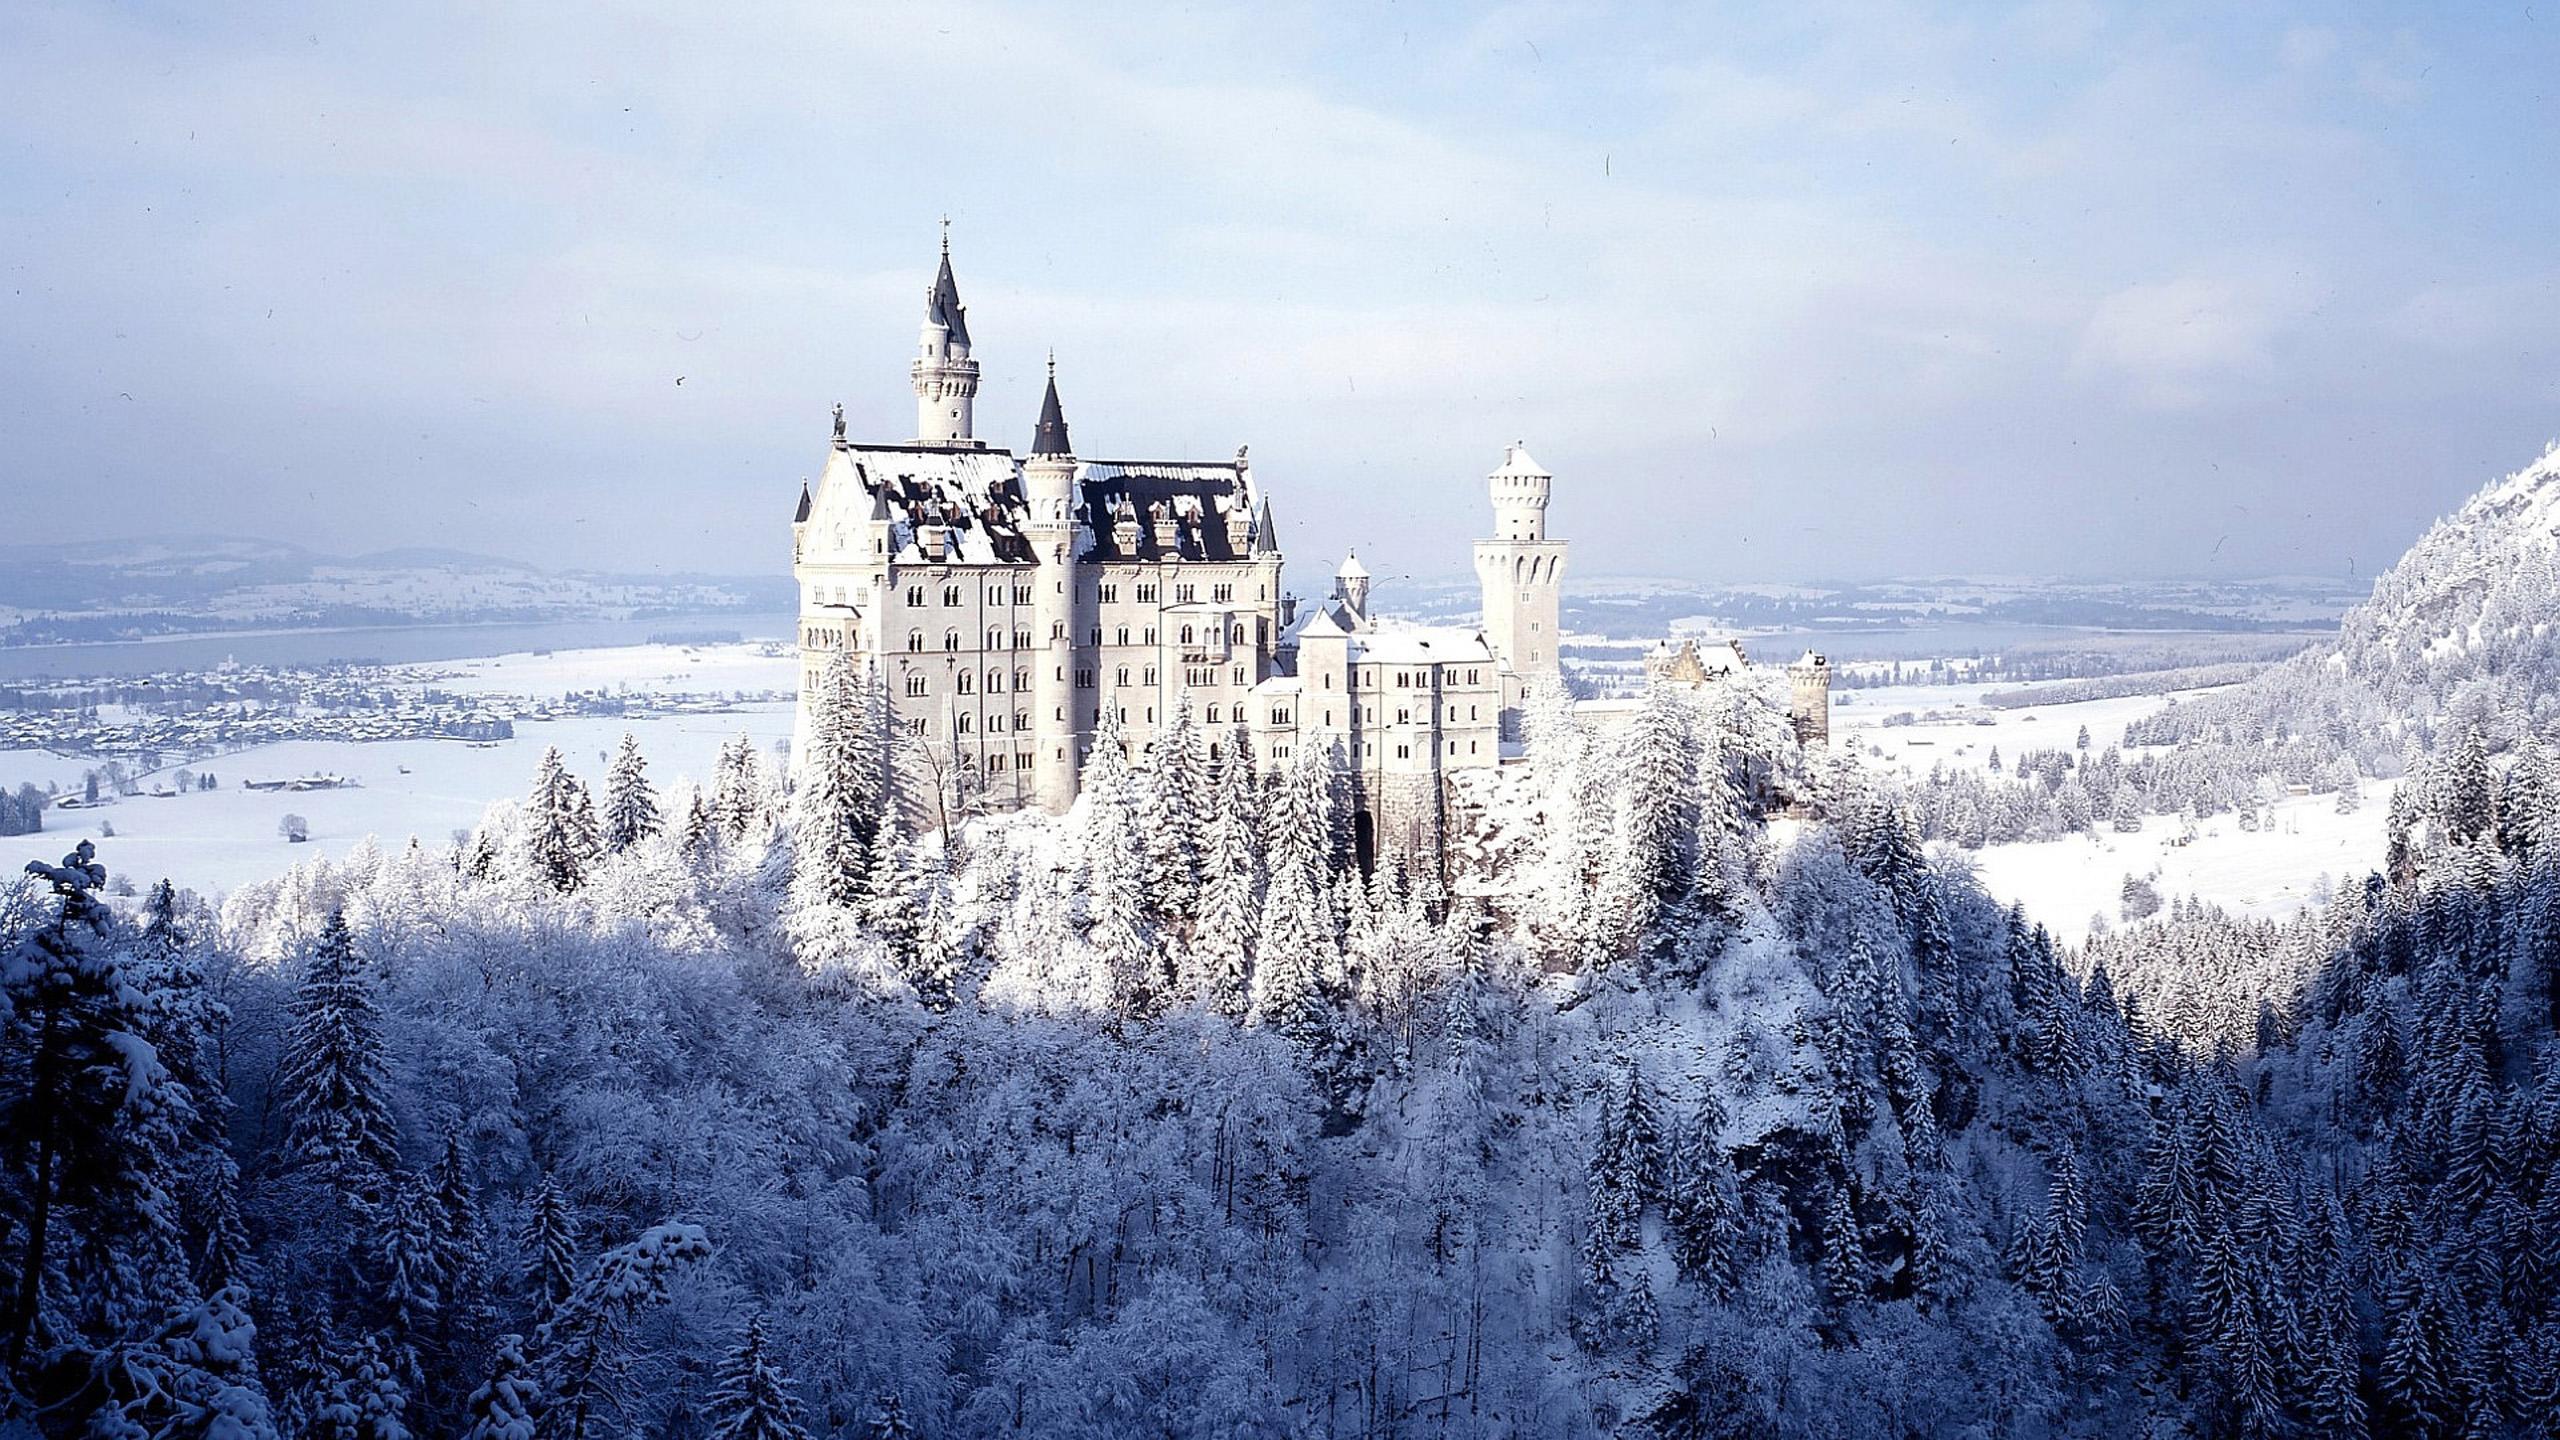 The white Neuschwanstein Castle